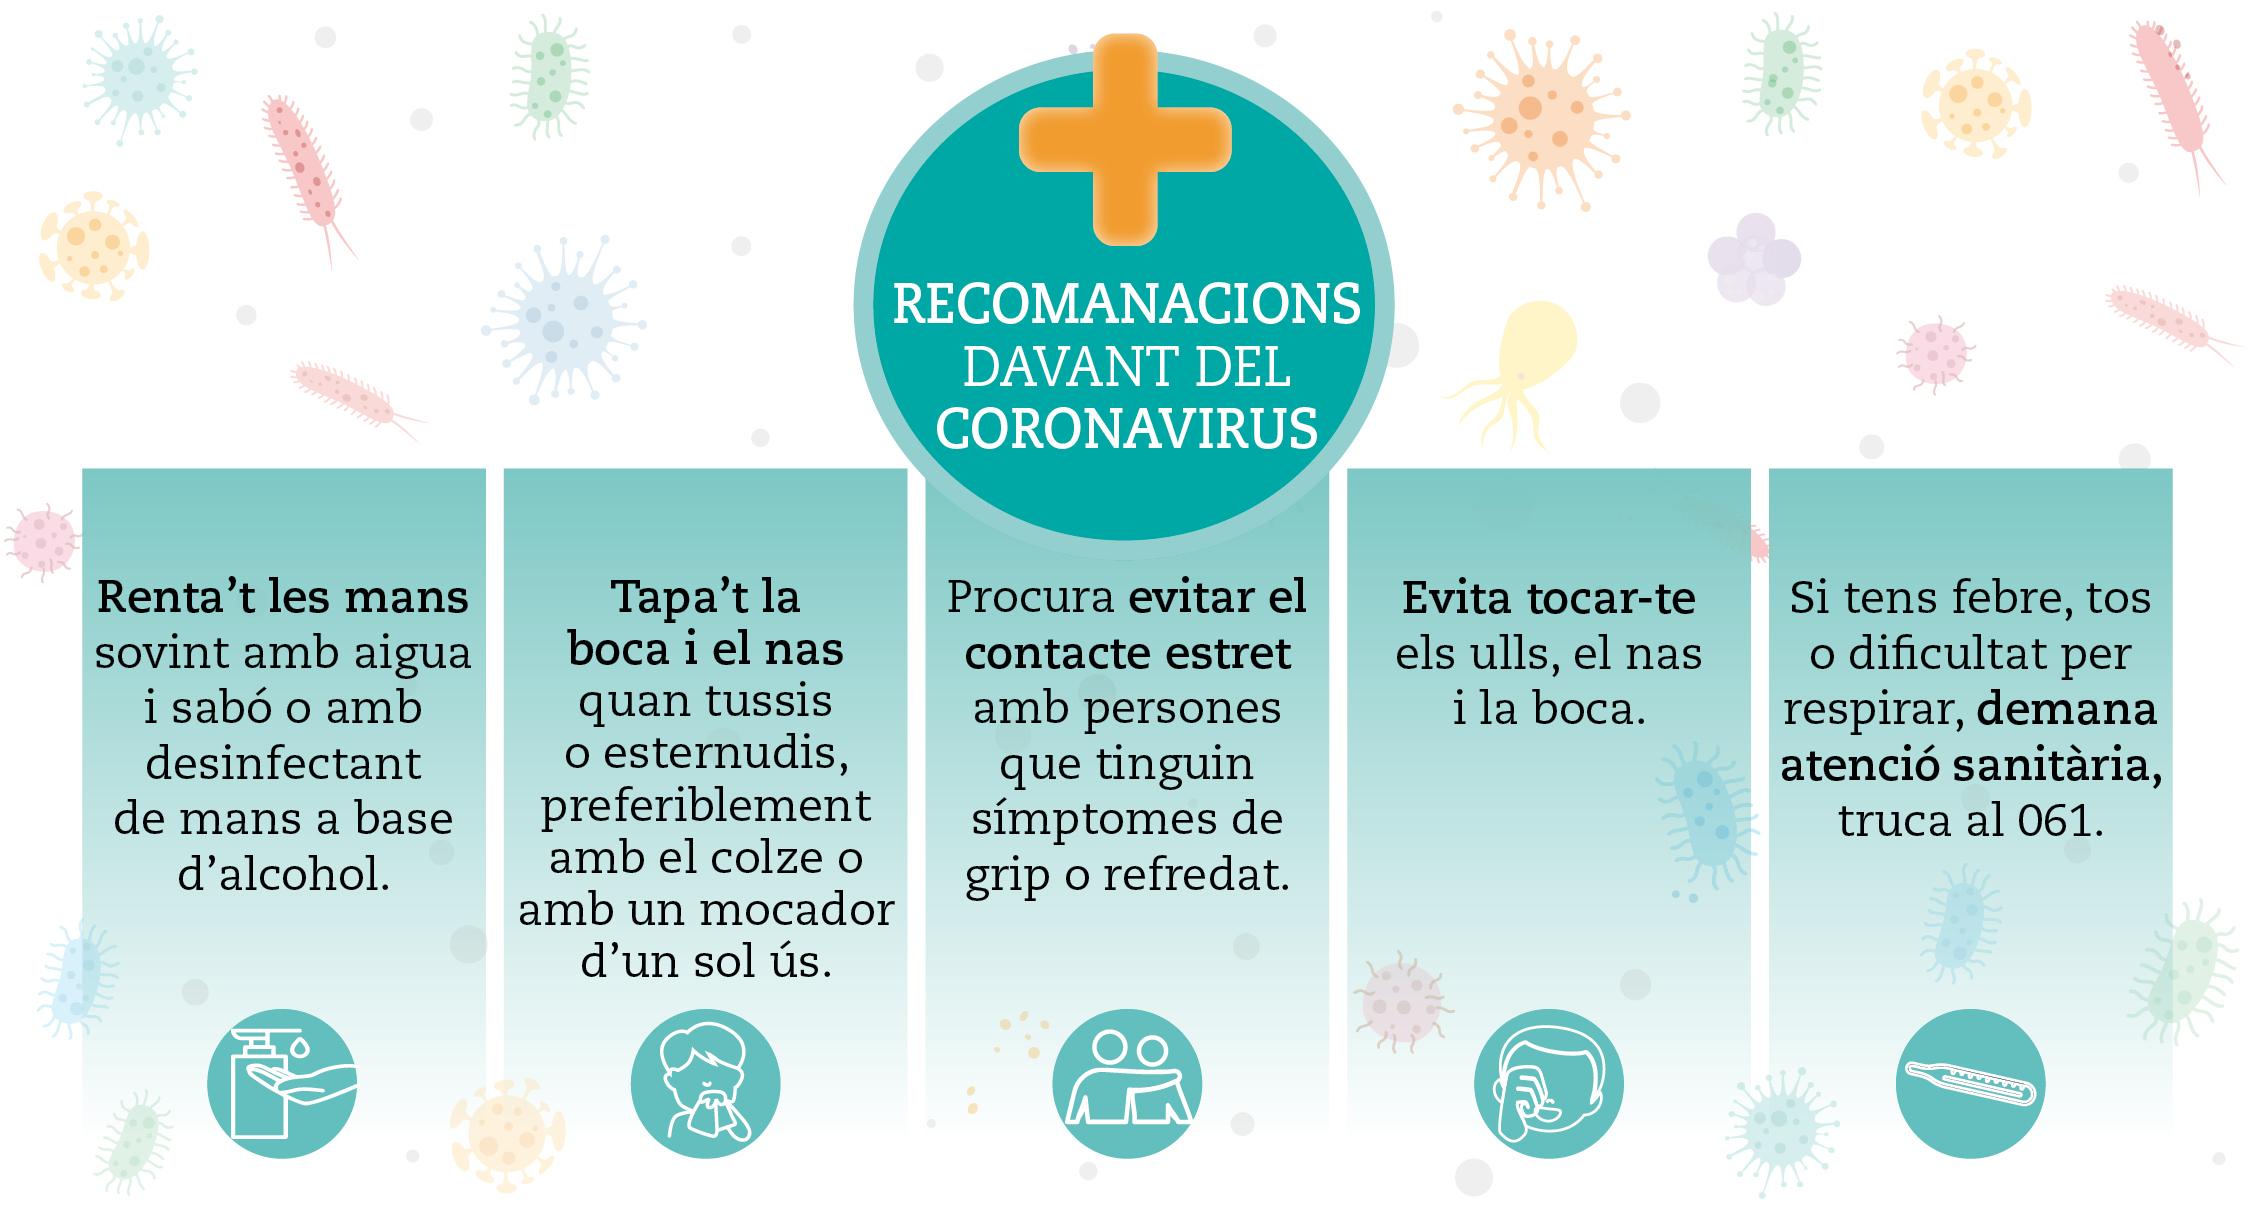 L'Ajuntament i el Taulí es troben per analitzar la situació envers el coronavirus després dels primers casos detectats a Catalunya